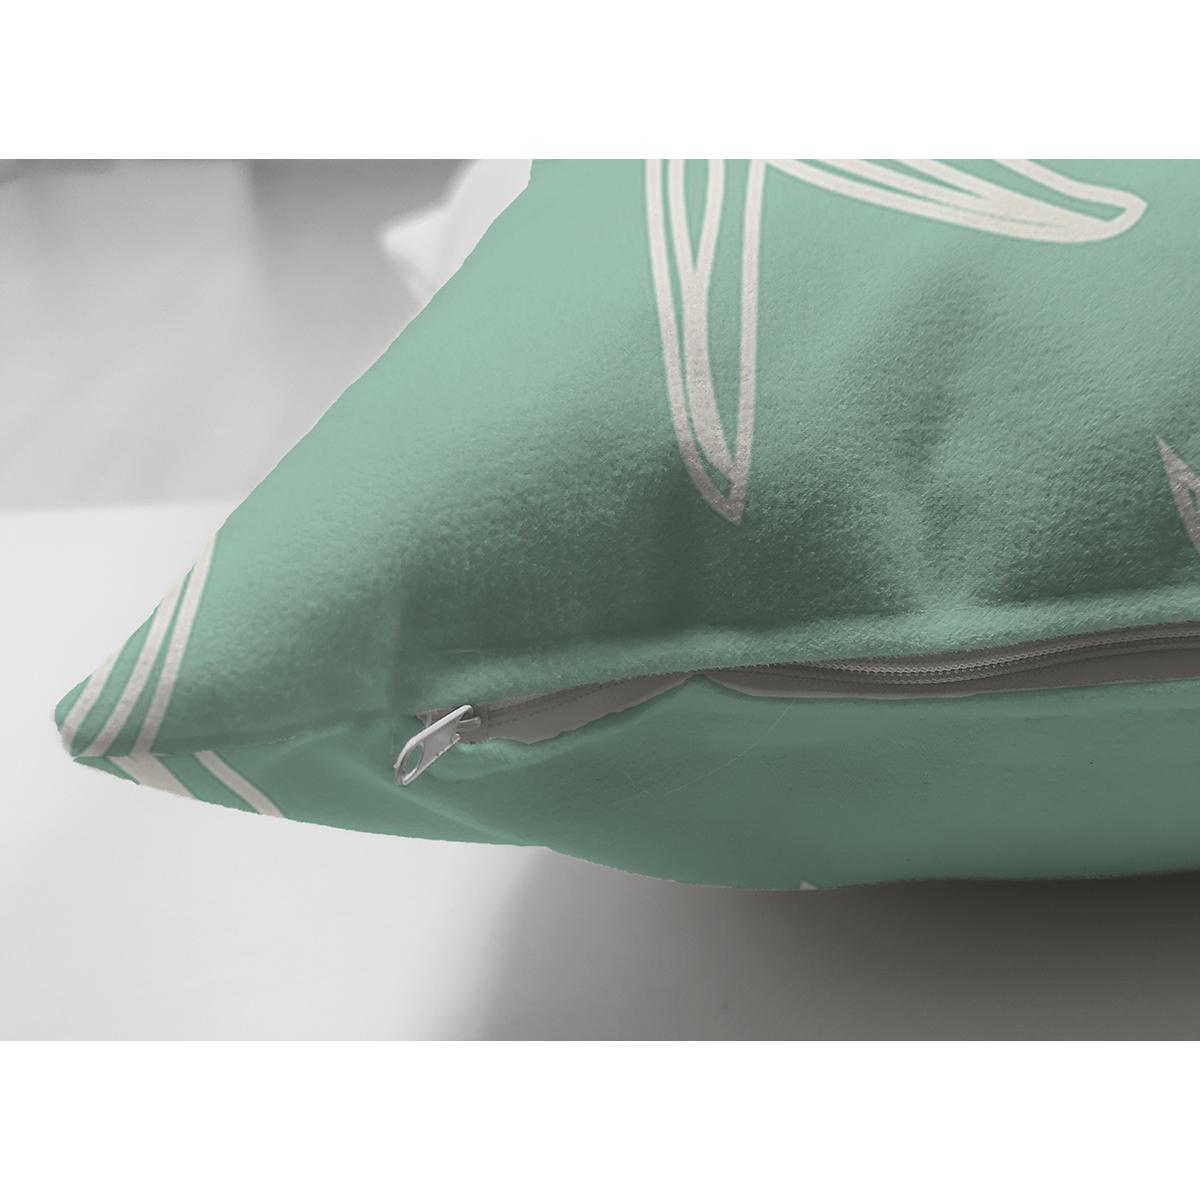 Çift Taraflı Yeşil Zeminde Krem Deniz Yıldızı Tasarımlı Dijital Baskılı Modern Süet Yastık Kılıfı Realhomes